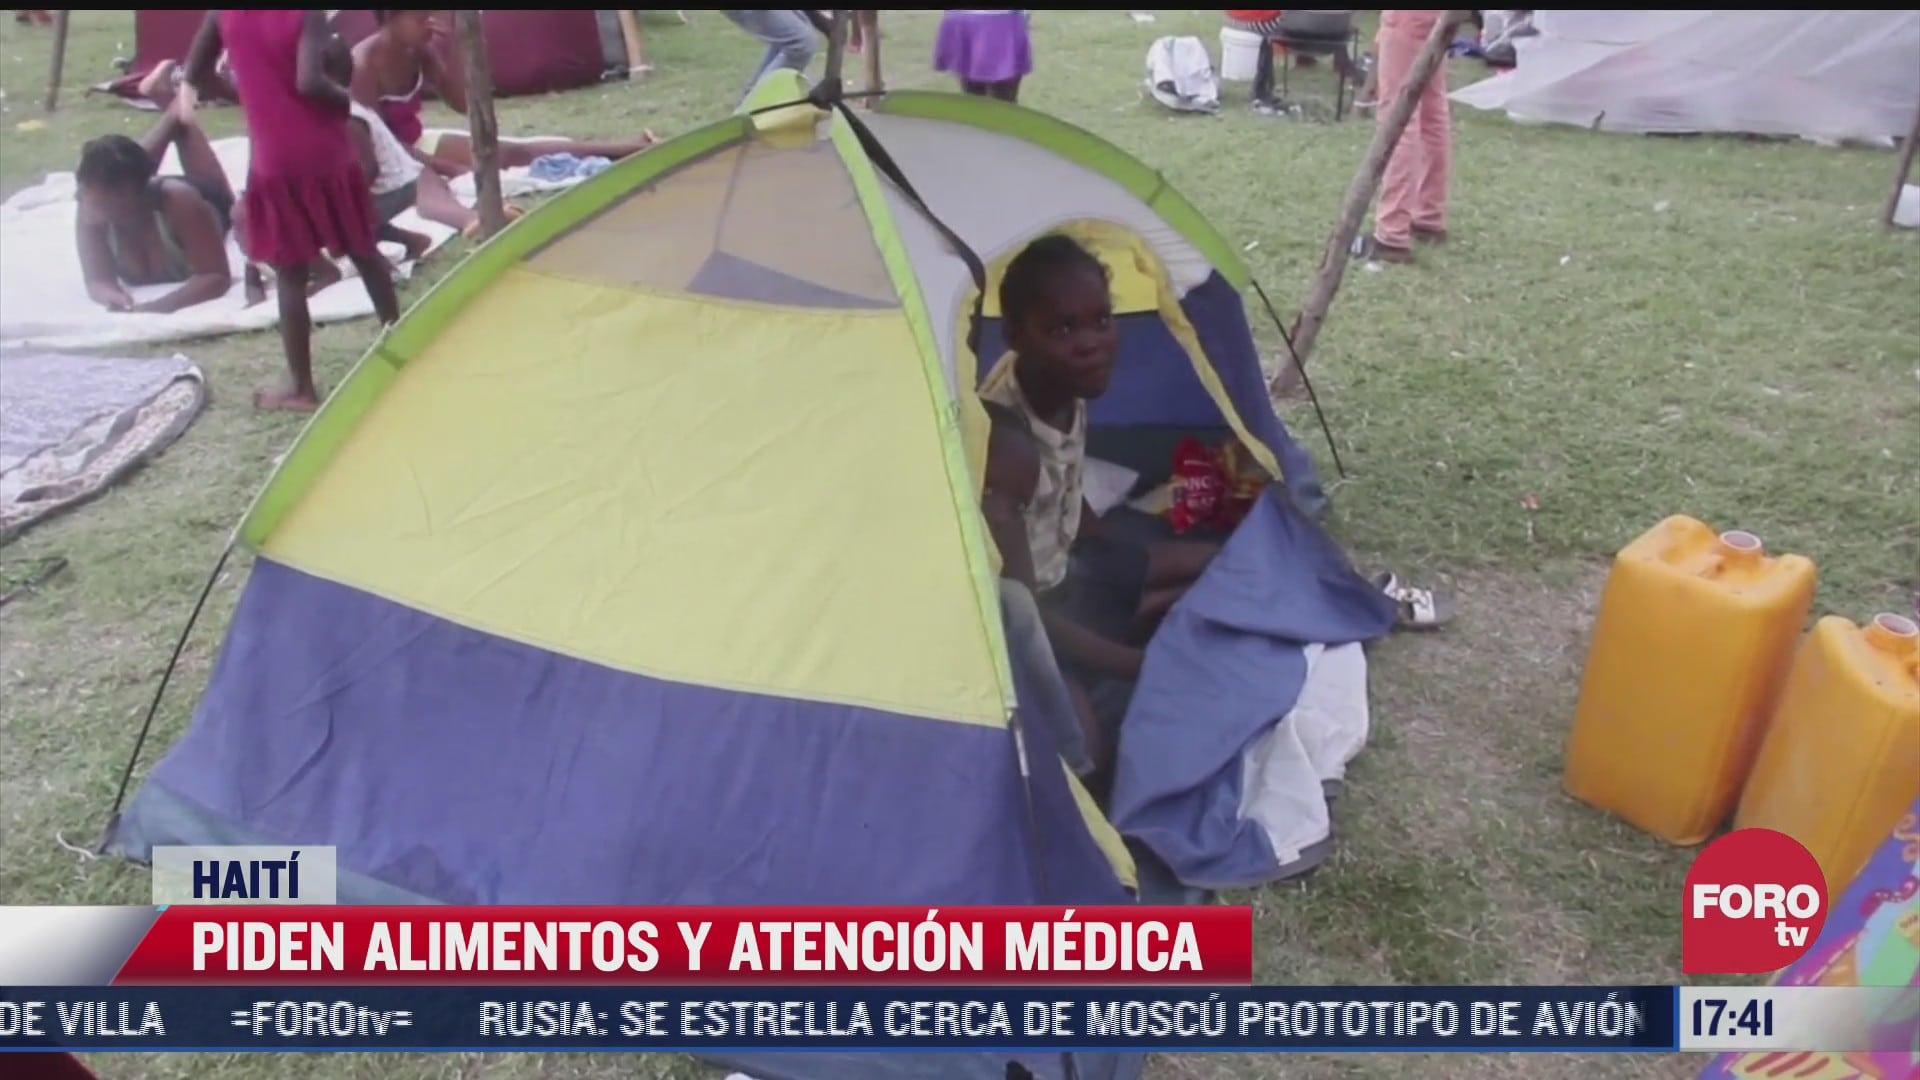 piden alimentos y atencion medica en haiti